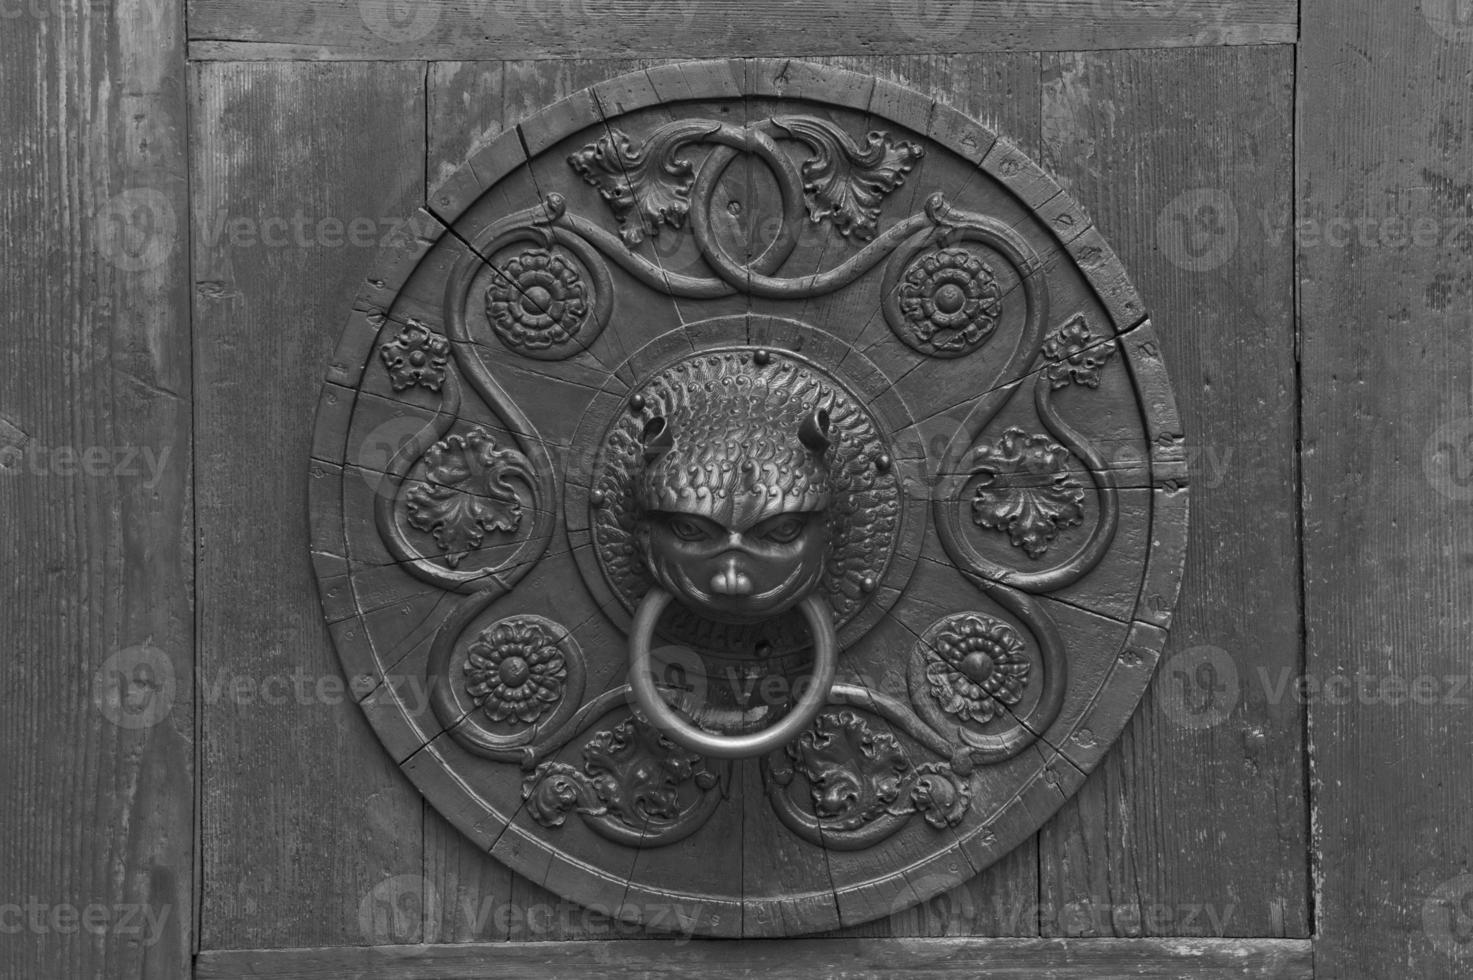 Grunge rusty antique door knocker ,background photo